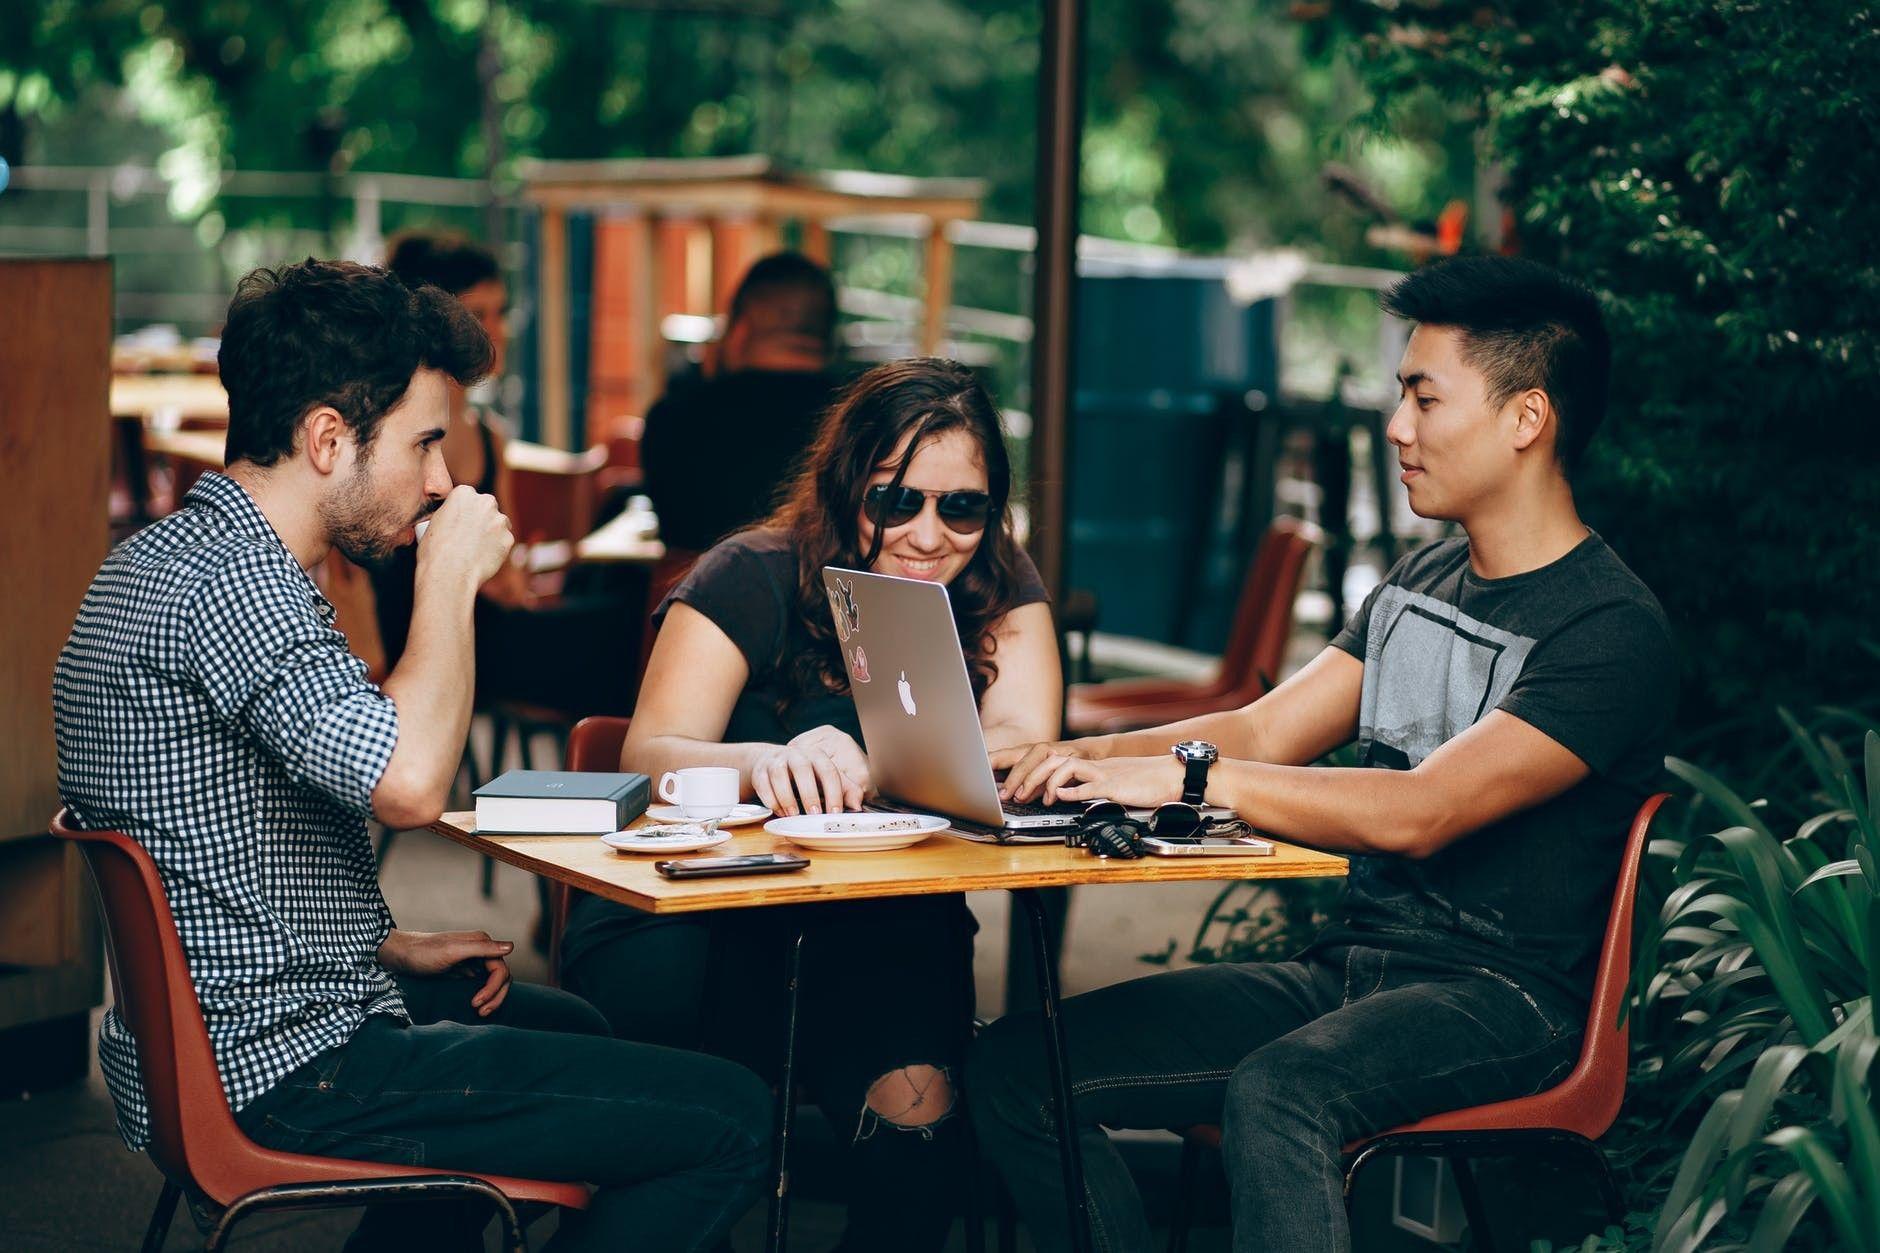 Belajar SBMPTN Bareng Teman? Nih 5 Tipsnya Biar Makin Maksimal